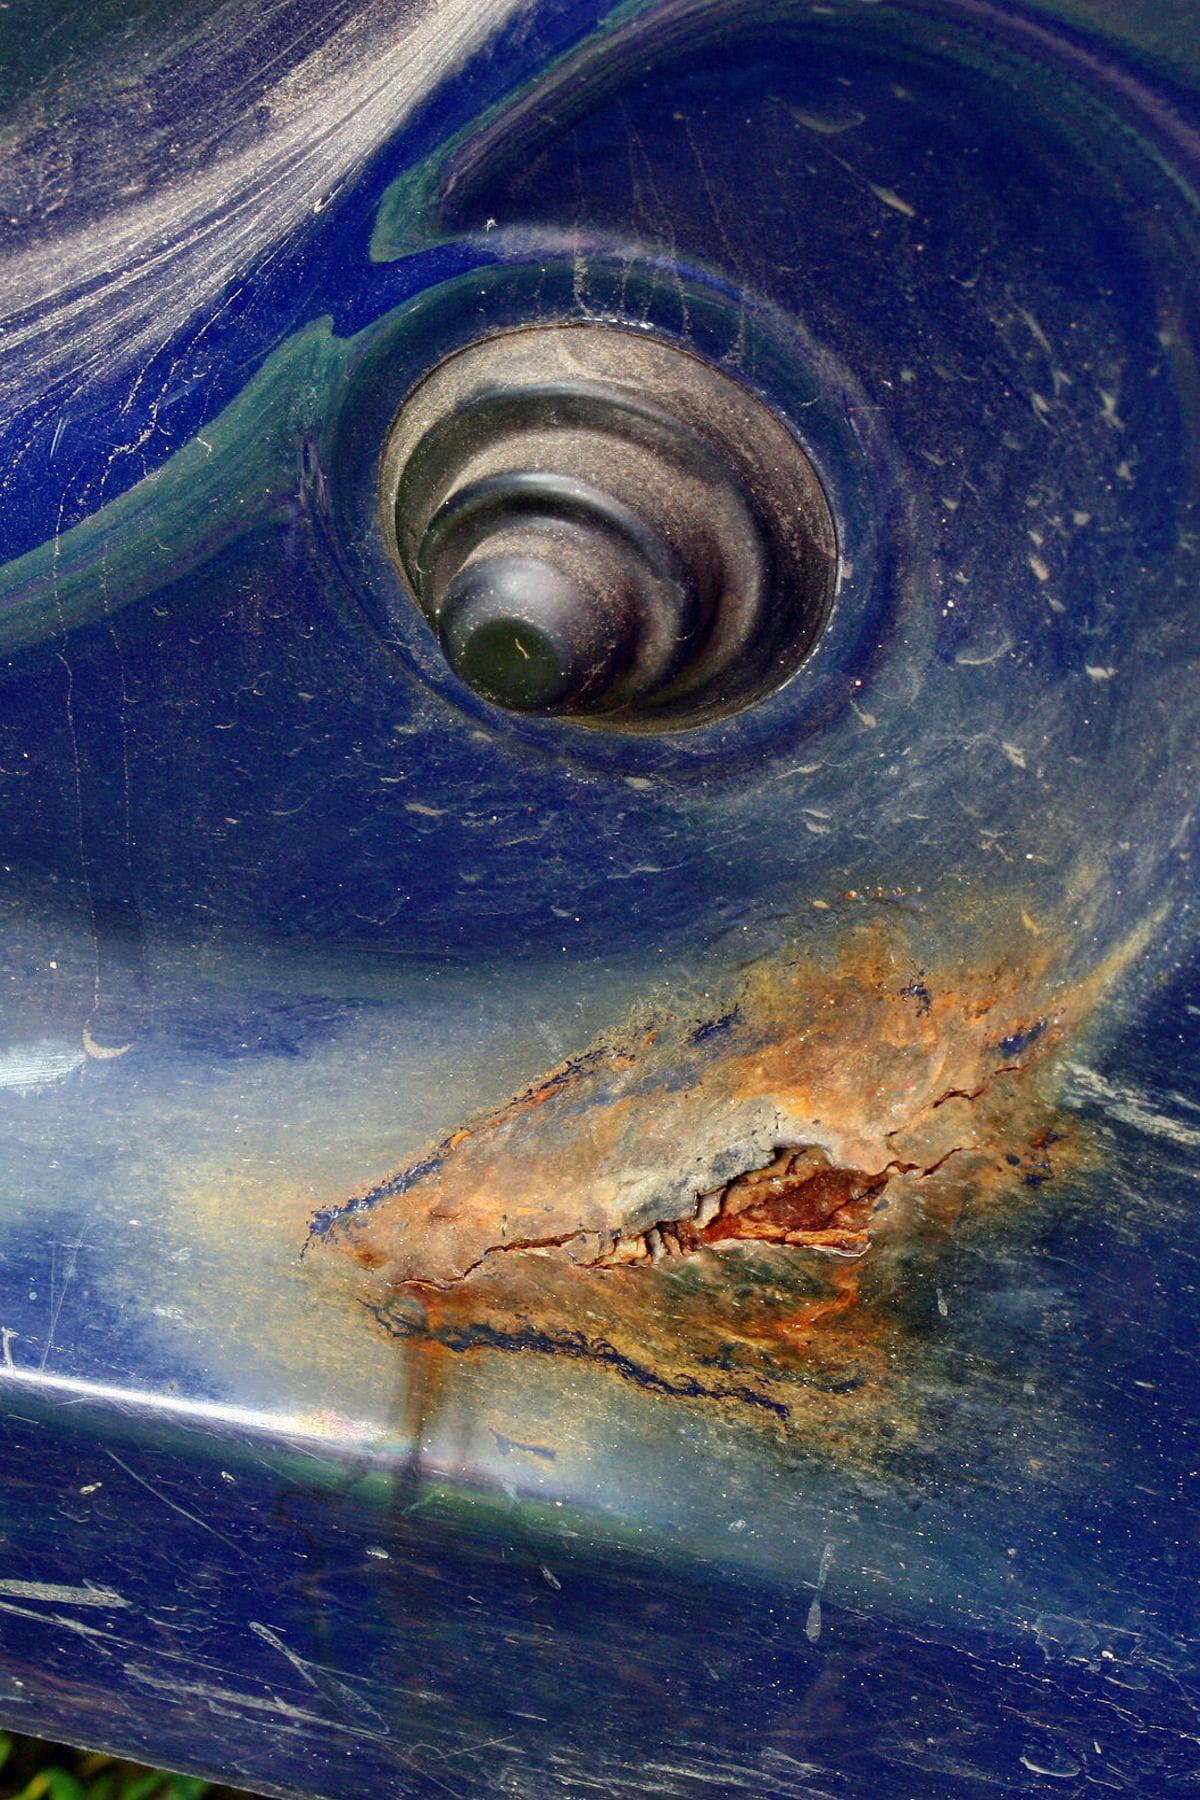 Comment enlever de la rouille sur la carrosserie - Nettoyer rouille sur fonte ...